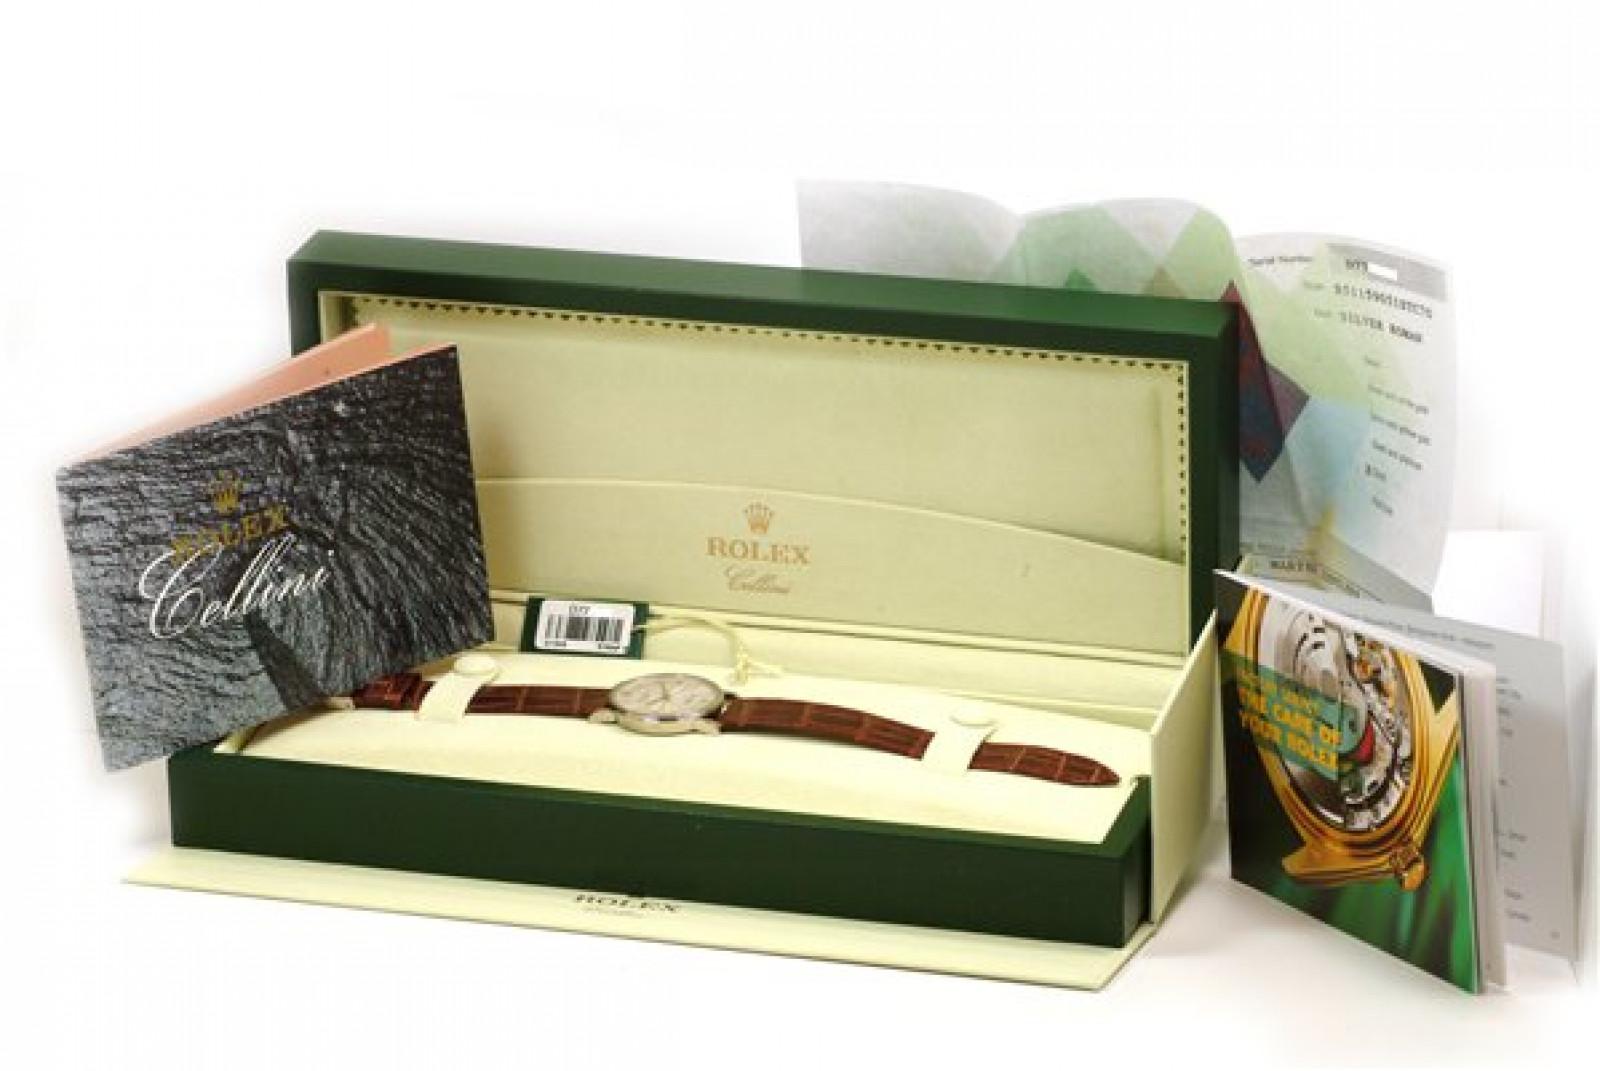 Rolex Cellini 5115/9 Gold